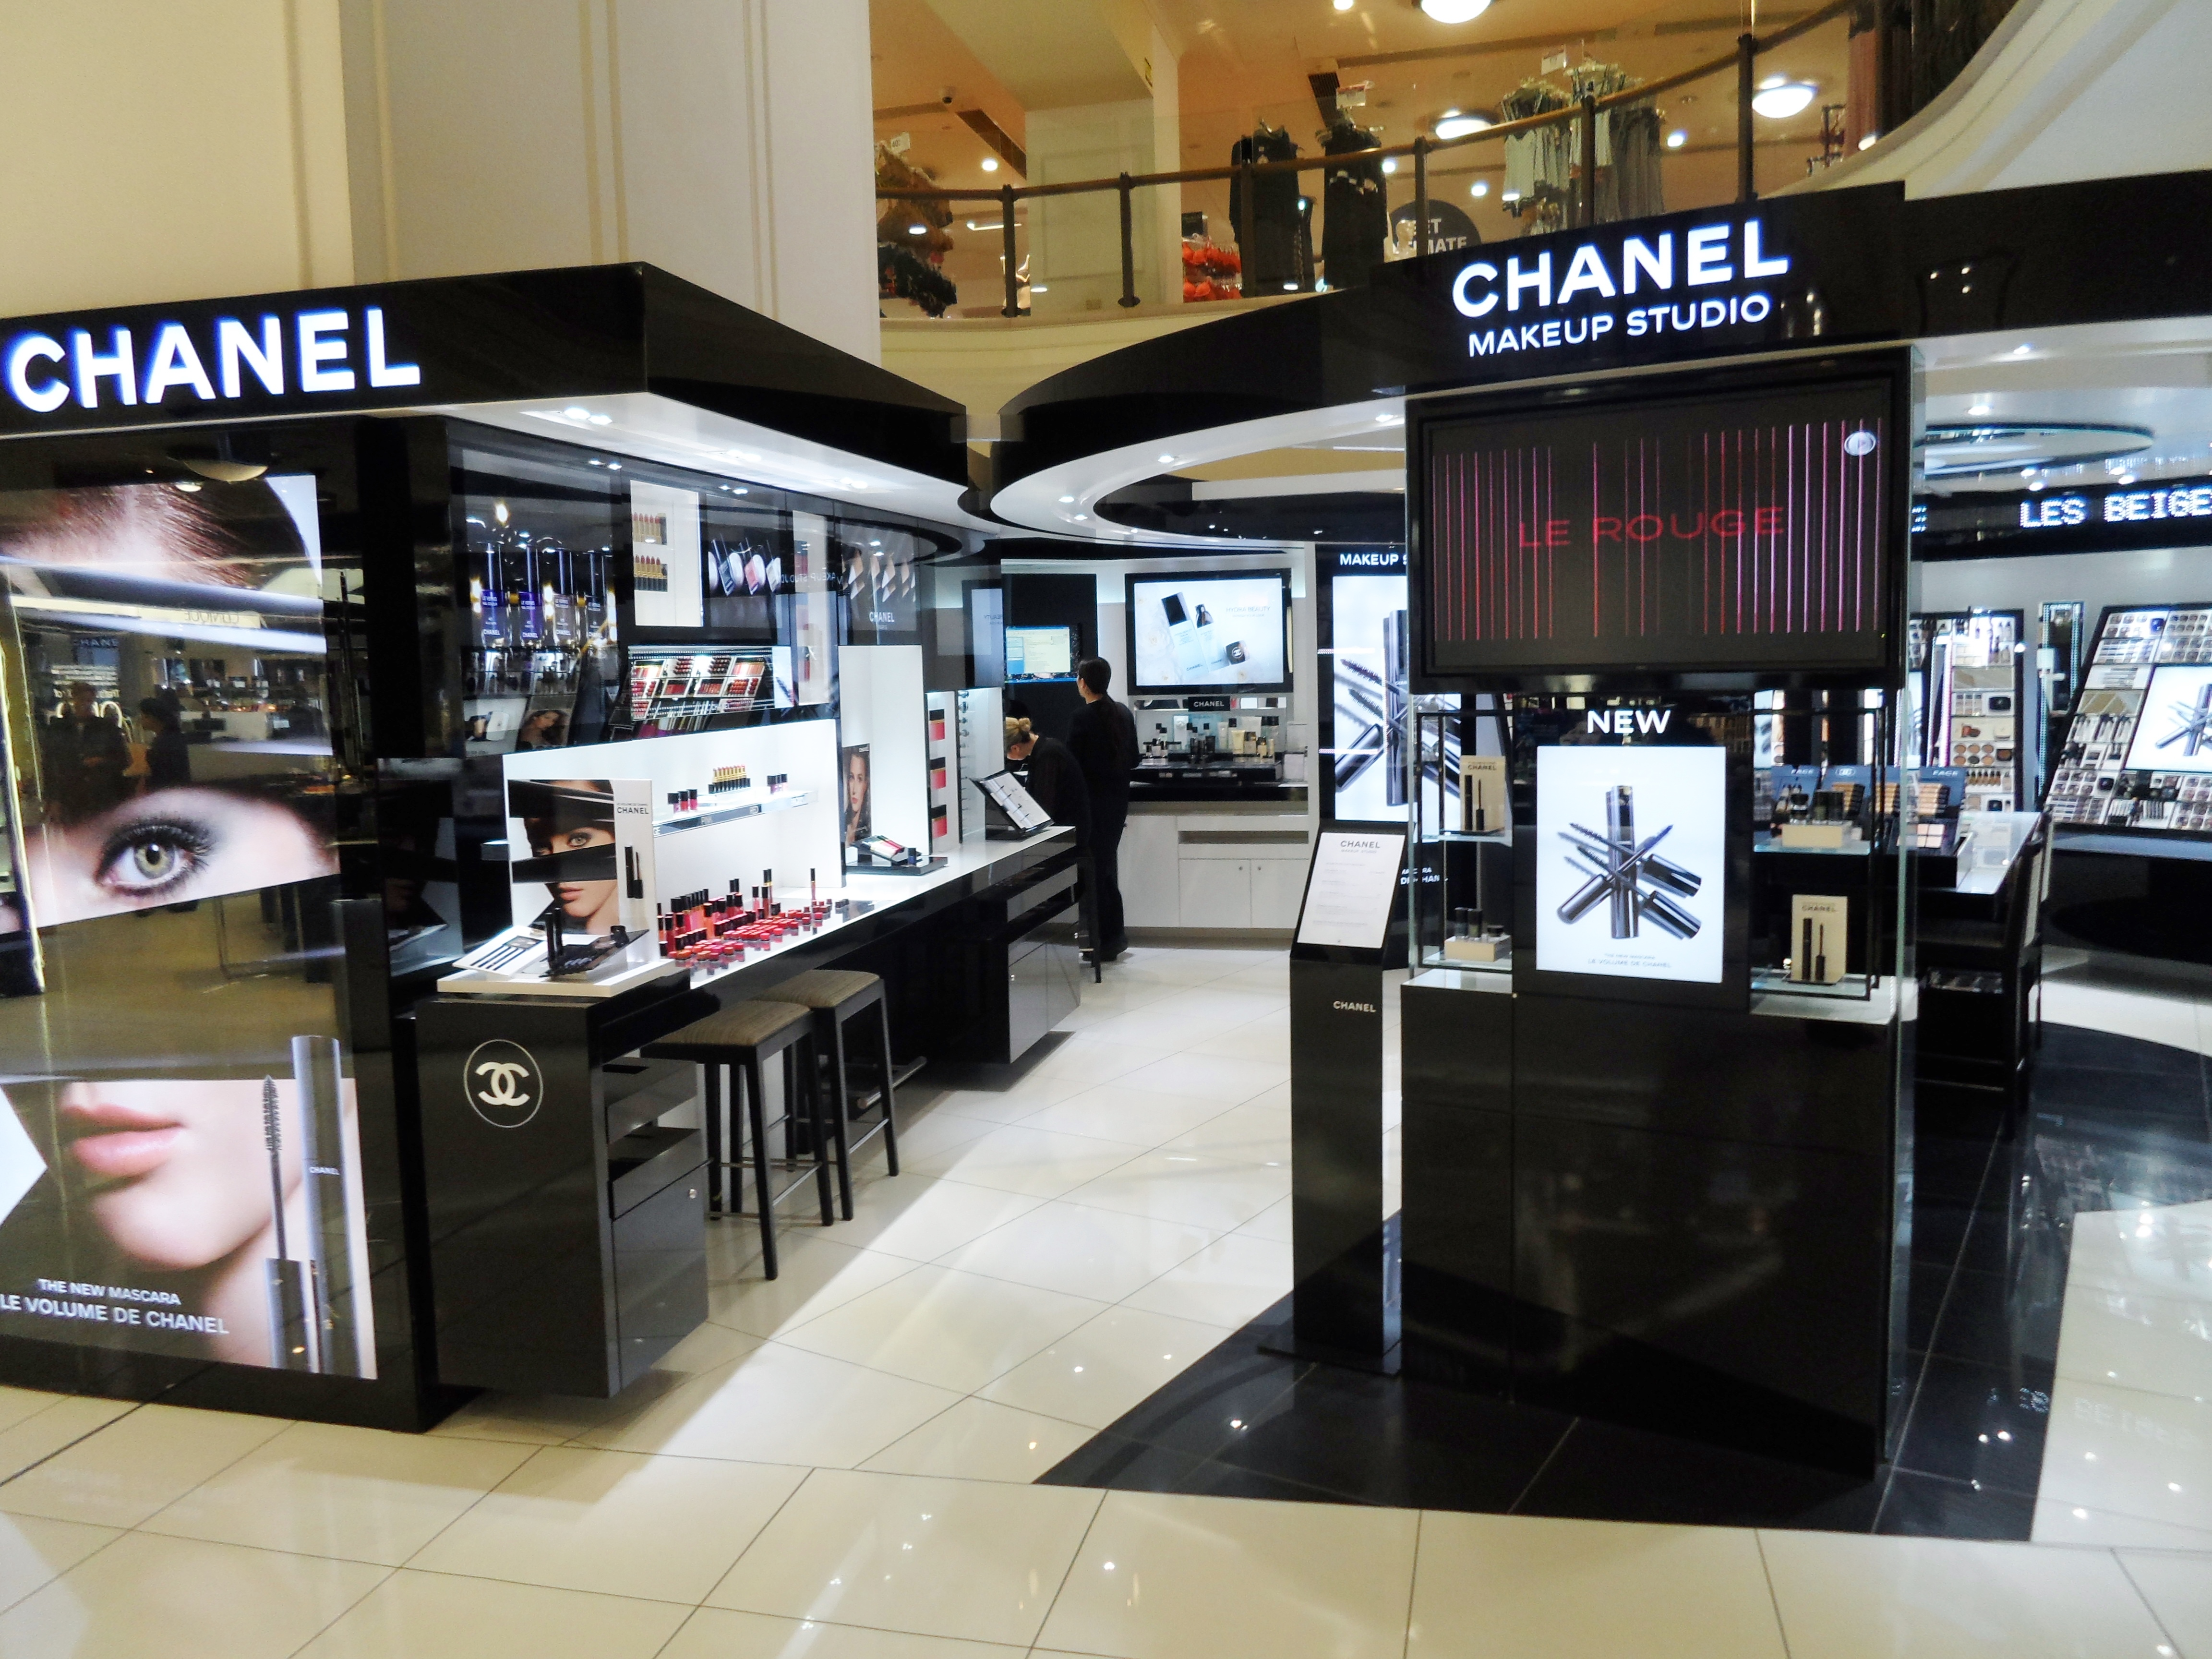 Chanel Makeup Myer Sydney City 2013jpg Wikipedia